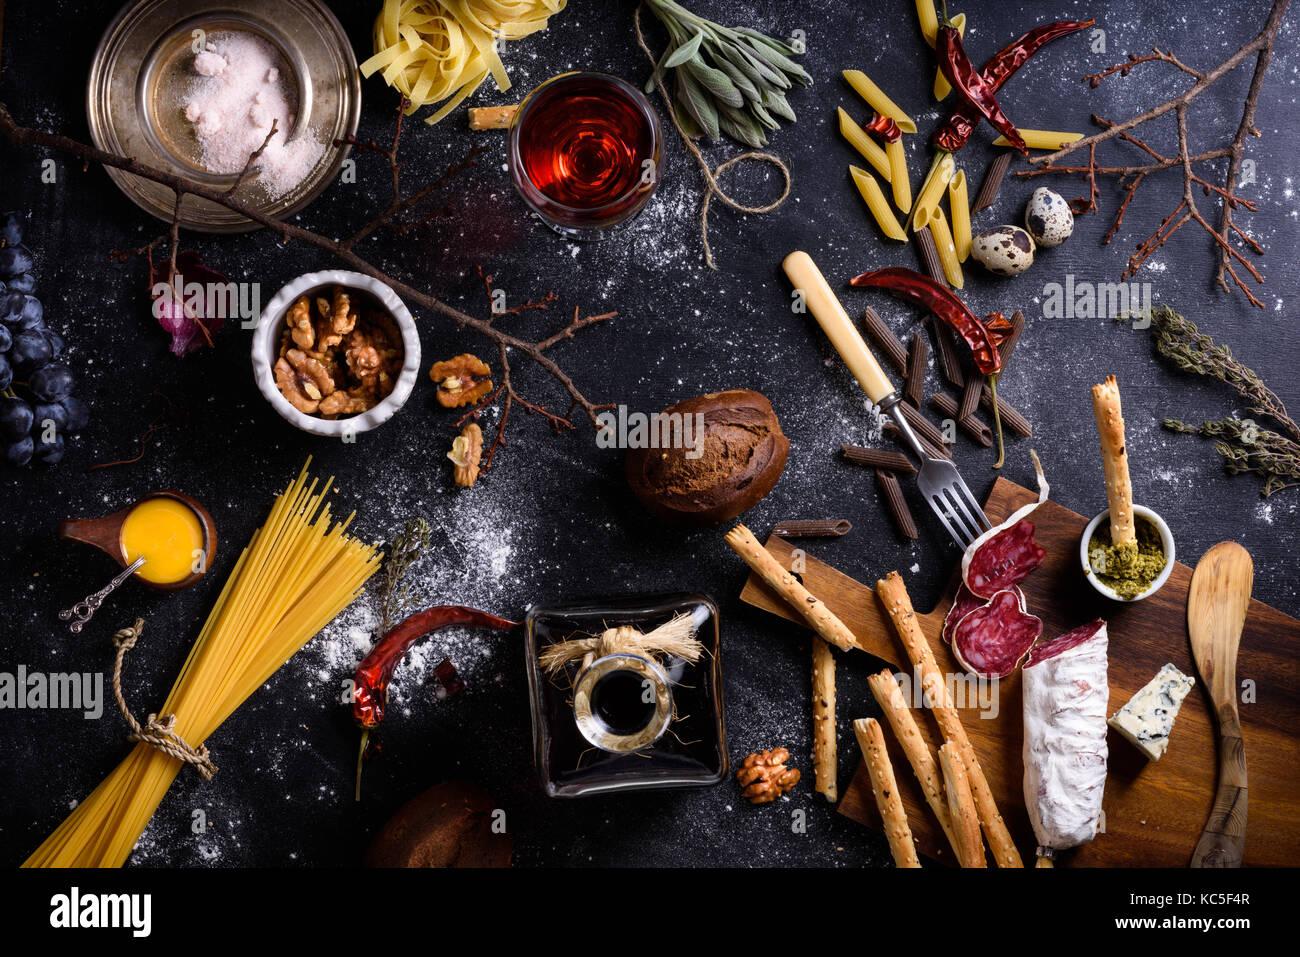 Vorspeise, Salami und Käse serviert mit Pasta und Rotwein auf dunklen Tisch. italienische Küche Zutaten. Stockbild